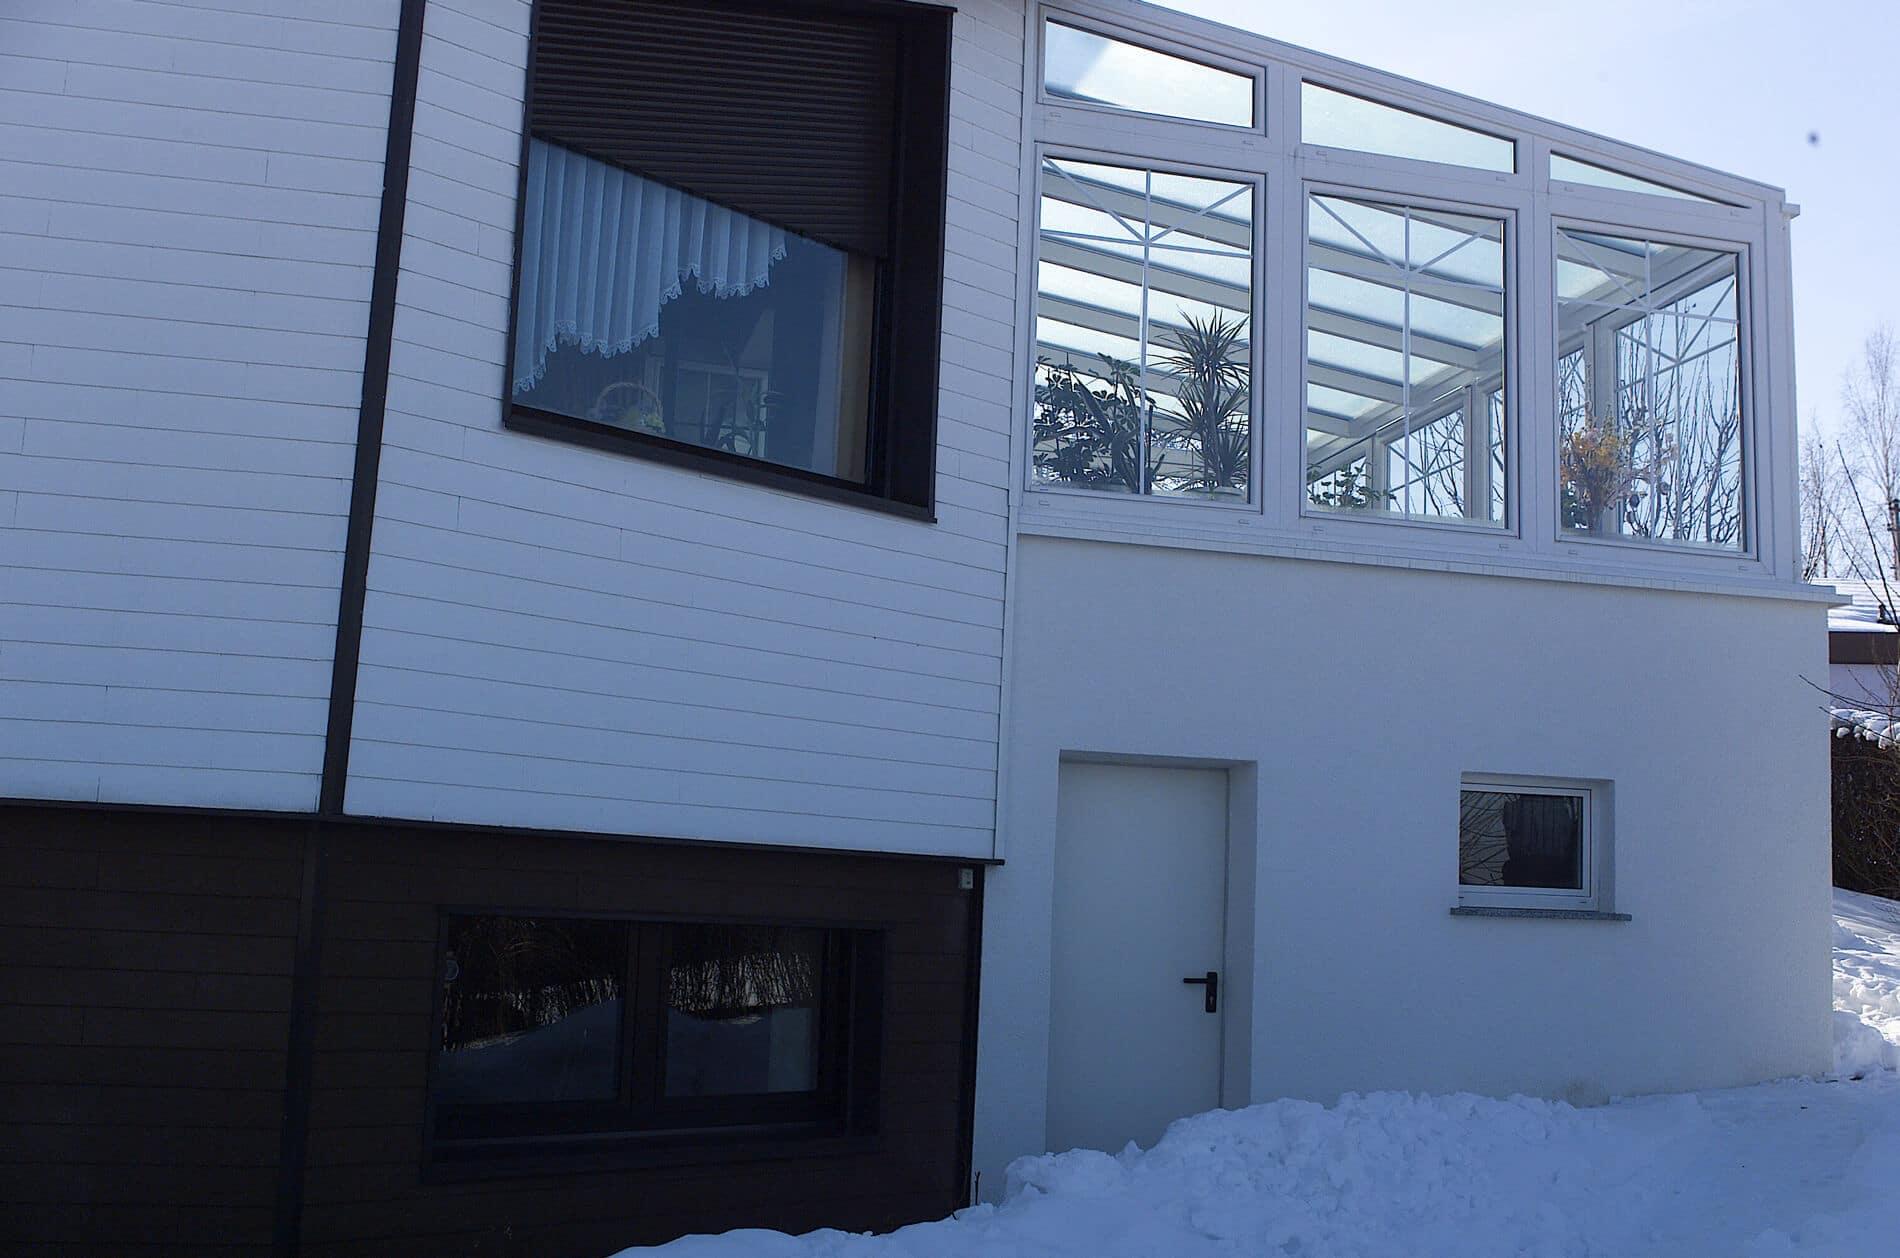 Terrasse als Wohnraum erweitern